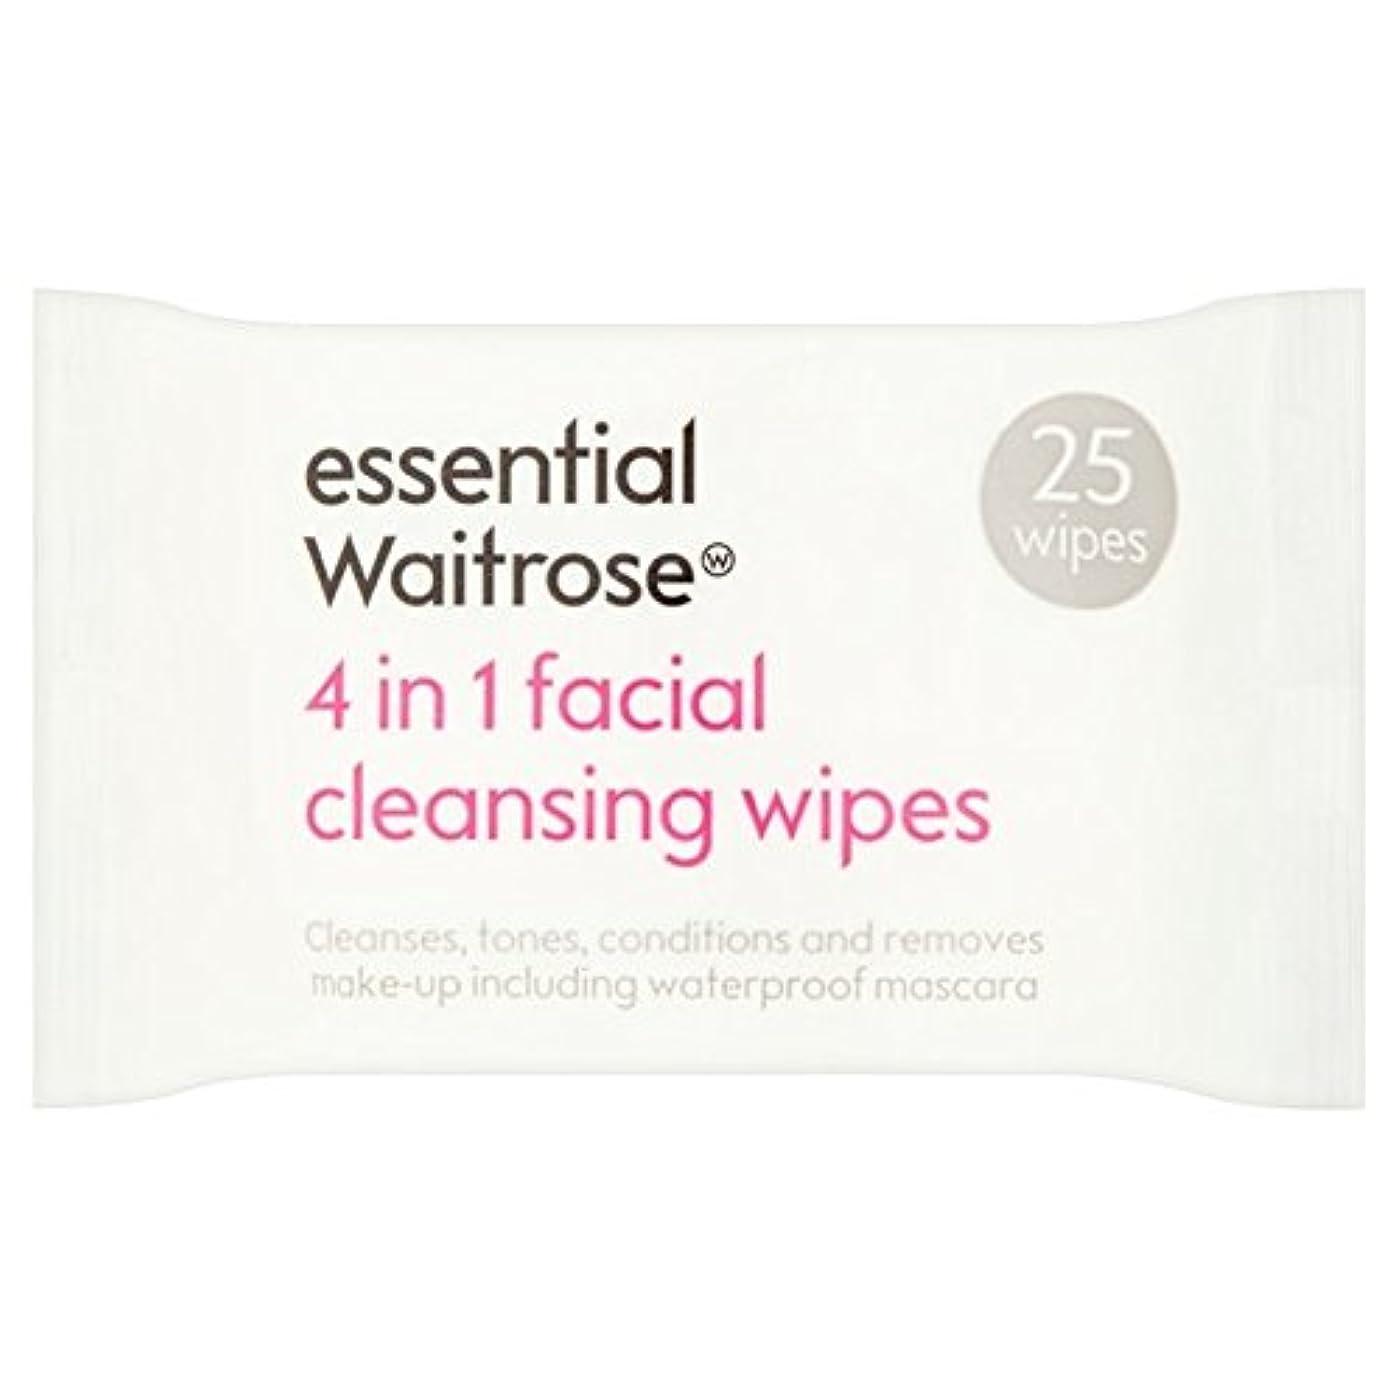 経度事業内容九時四十五分3 1での顔のワイプパックあたり不可欠ウェイトローズ25 x2-3 in 1 Facial Wipes essential Waitrose 25 per pack (Pack of 2) [並行輸入品]